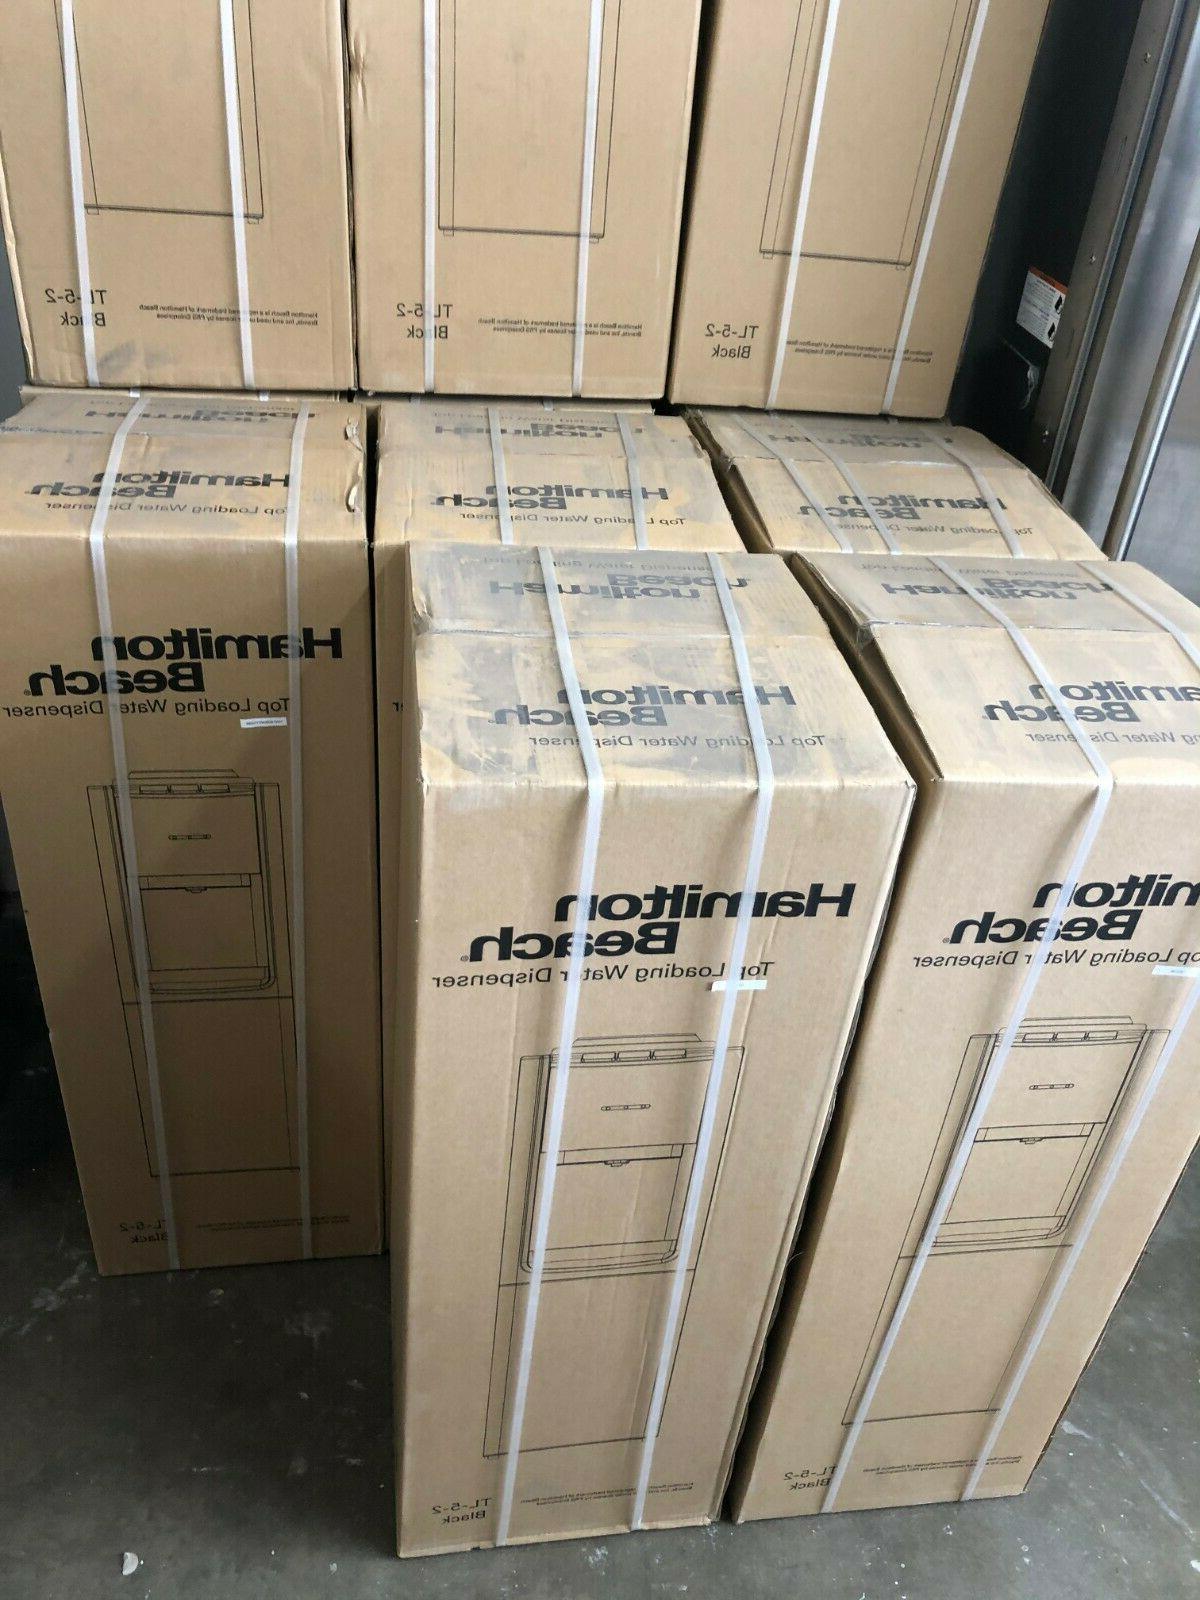 Hamilton TL-5-2 Top load black